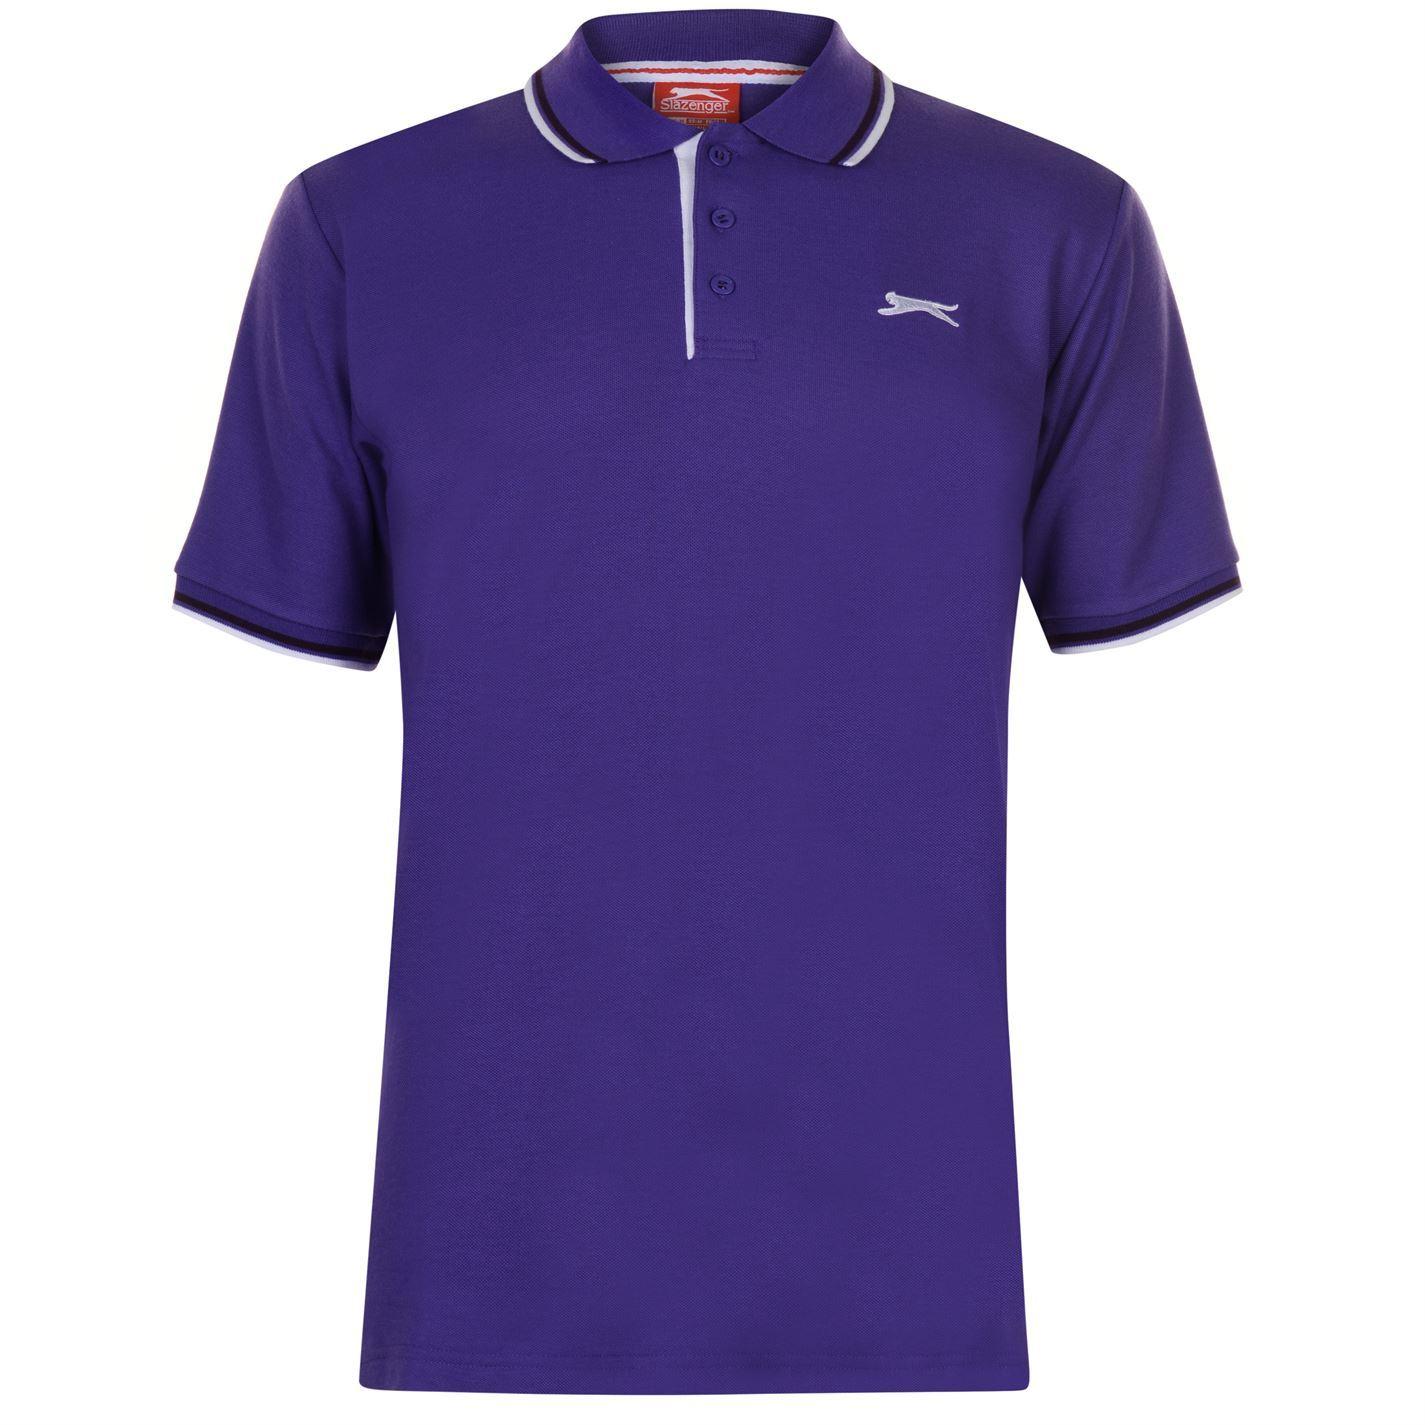 Slazenger-Polo-Camisa-de-hombre-con-cuello-con-Punta-T-Shirt-Top-Camiseta-Tee miniatura 65